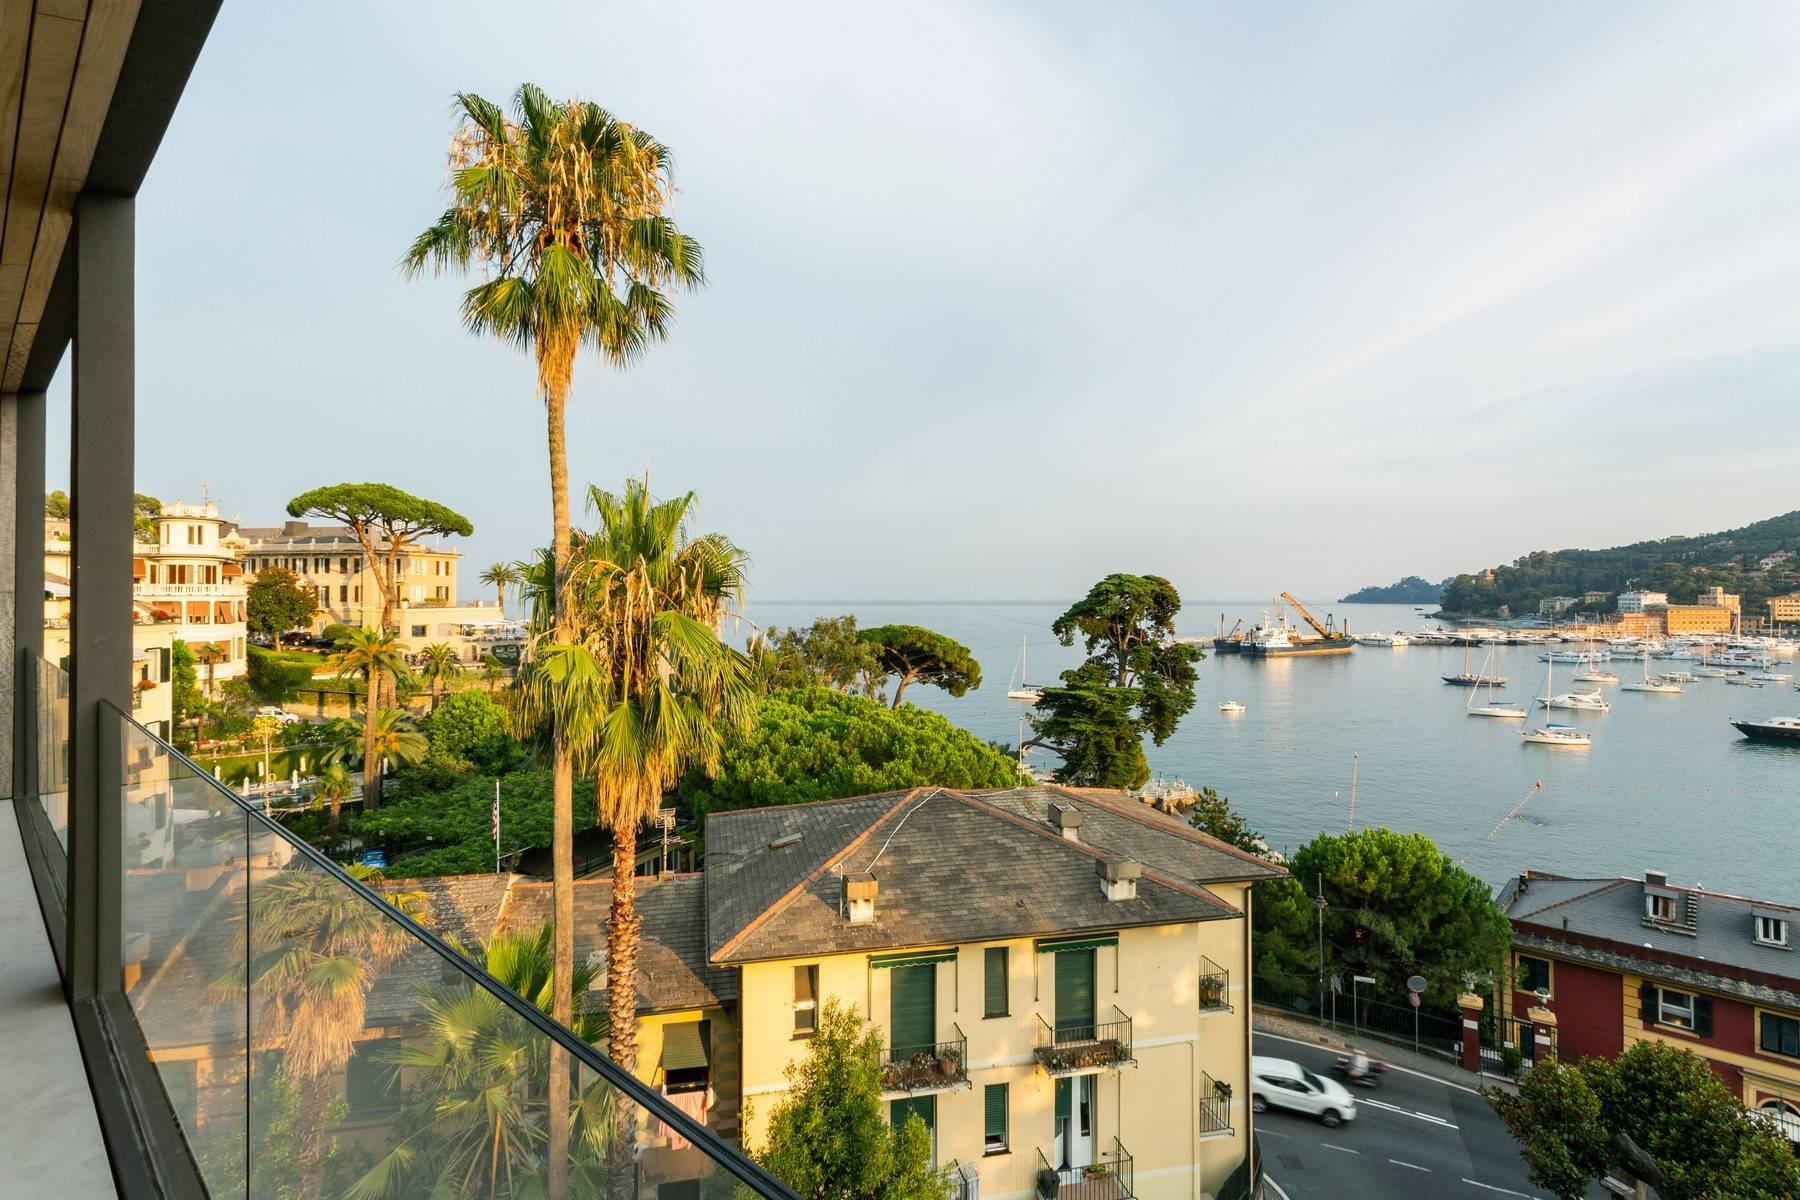 Attico in Vendita a Santa Margherita Ligure: 5 locali, 210 mq - Foto 8